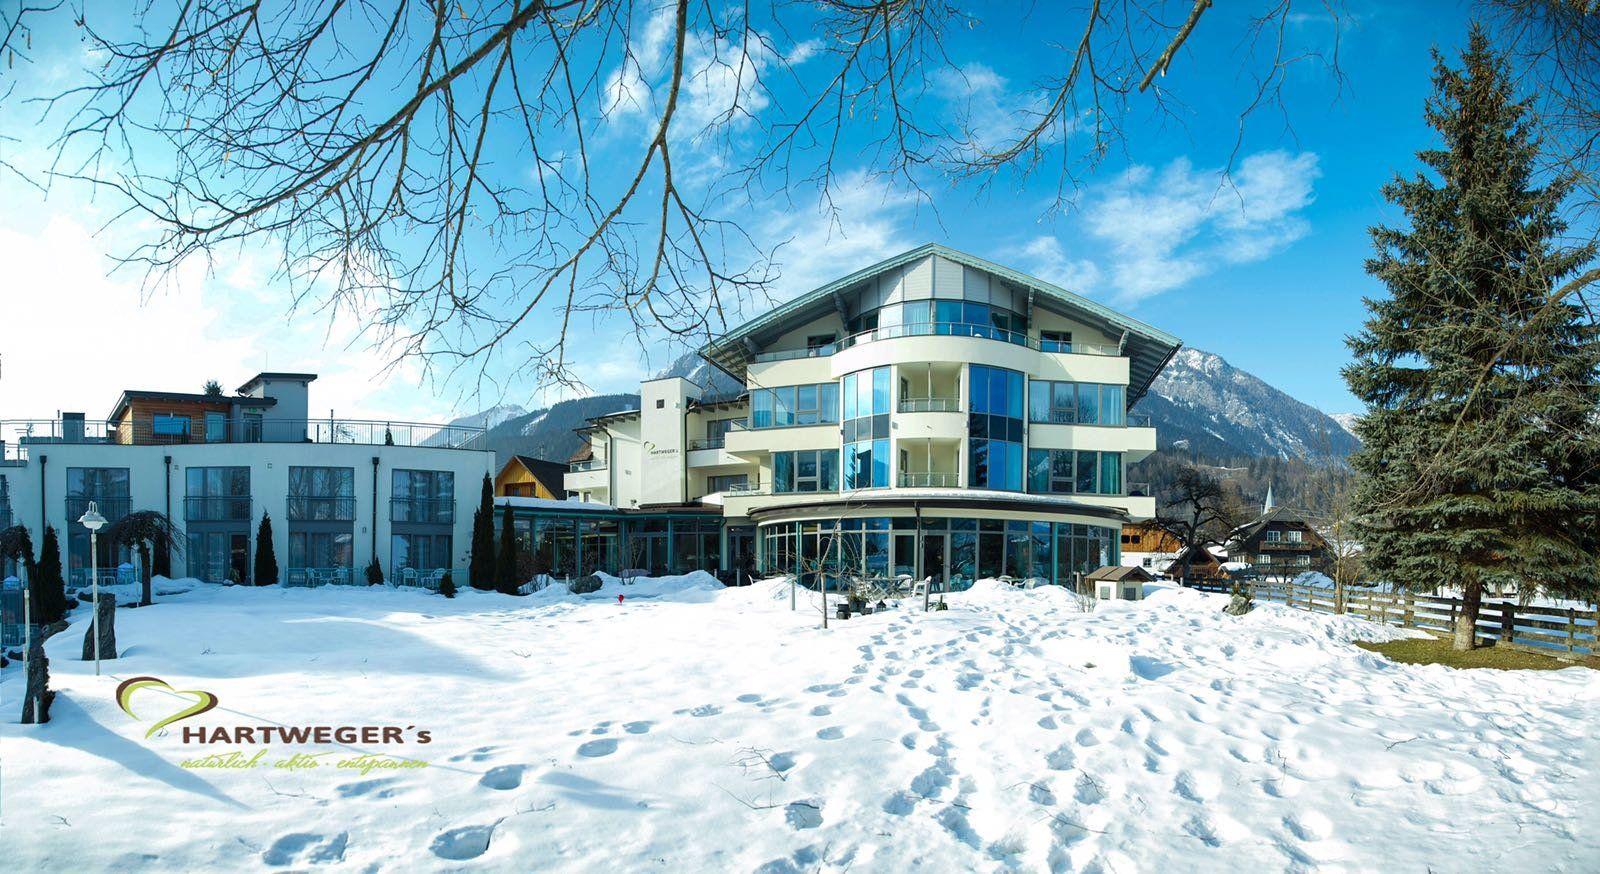 Meer info over Hotel Hartweger  bij Wintertrex